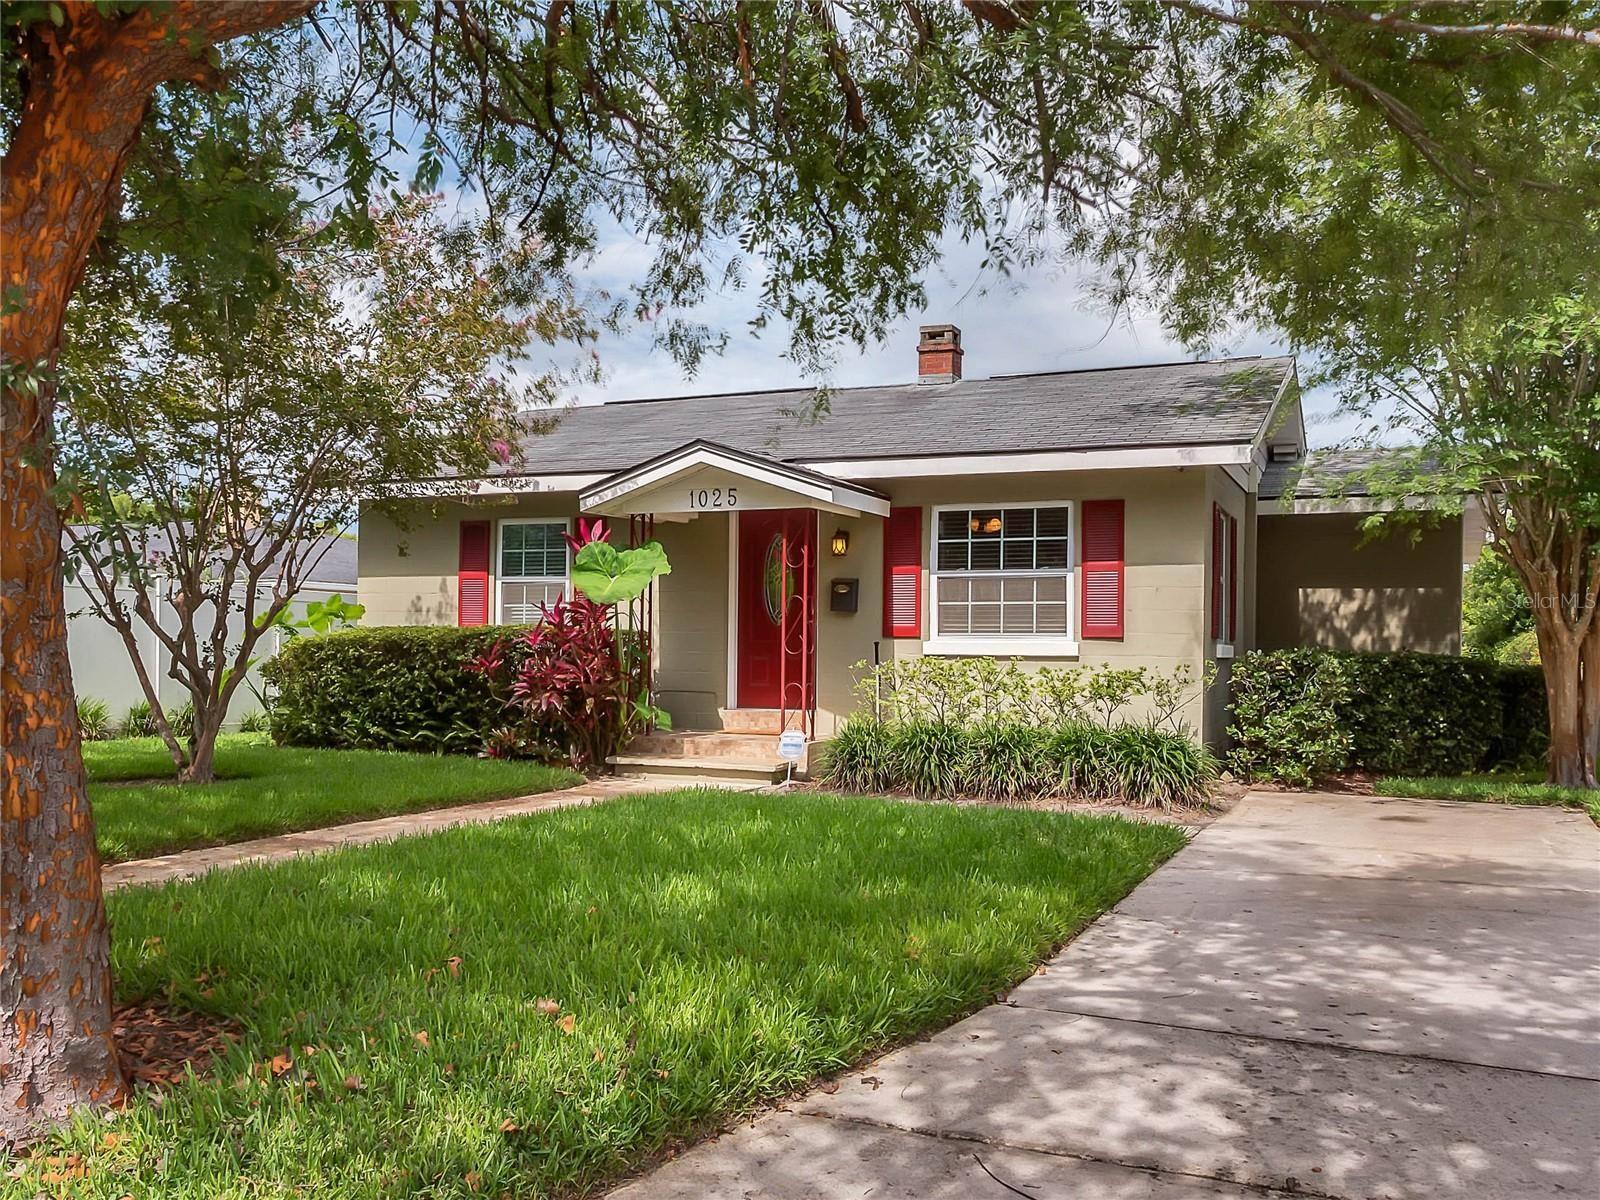 1025 N FOREST AVENUE, Orlando, FL 32803 - #: O5956711